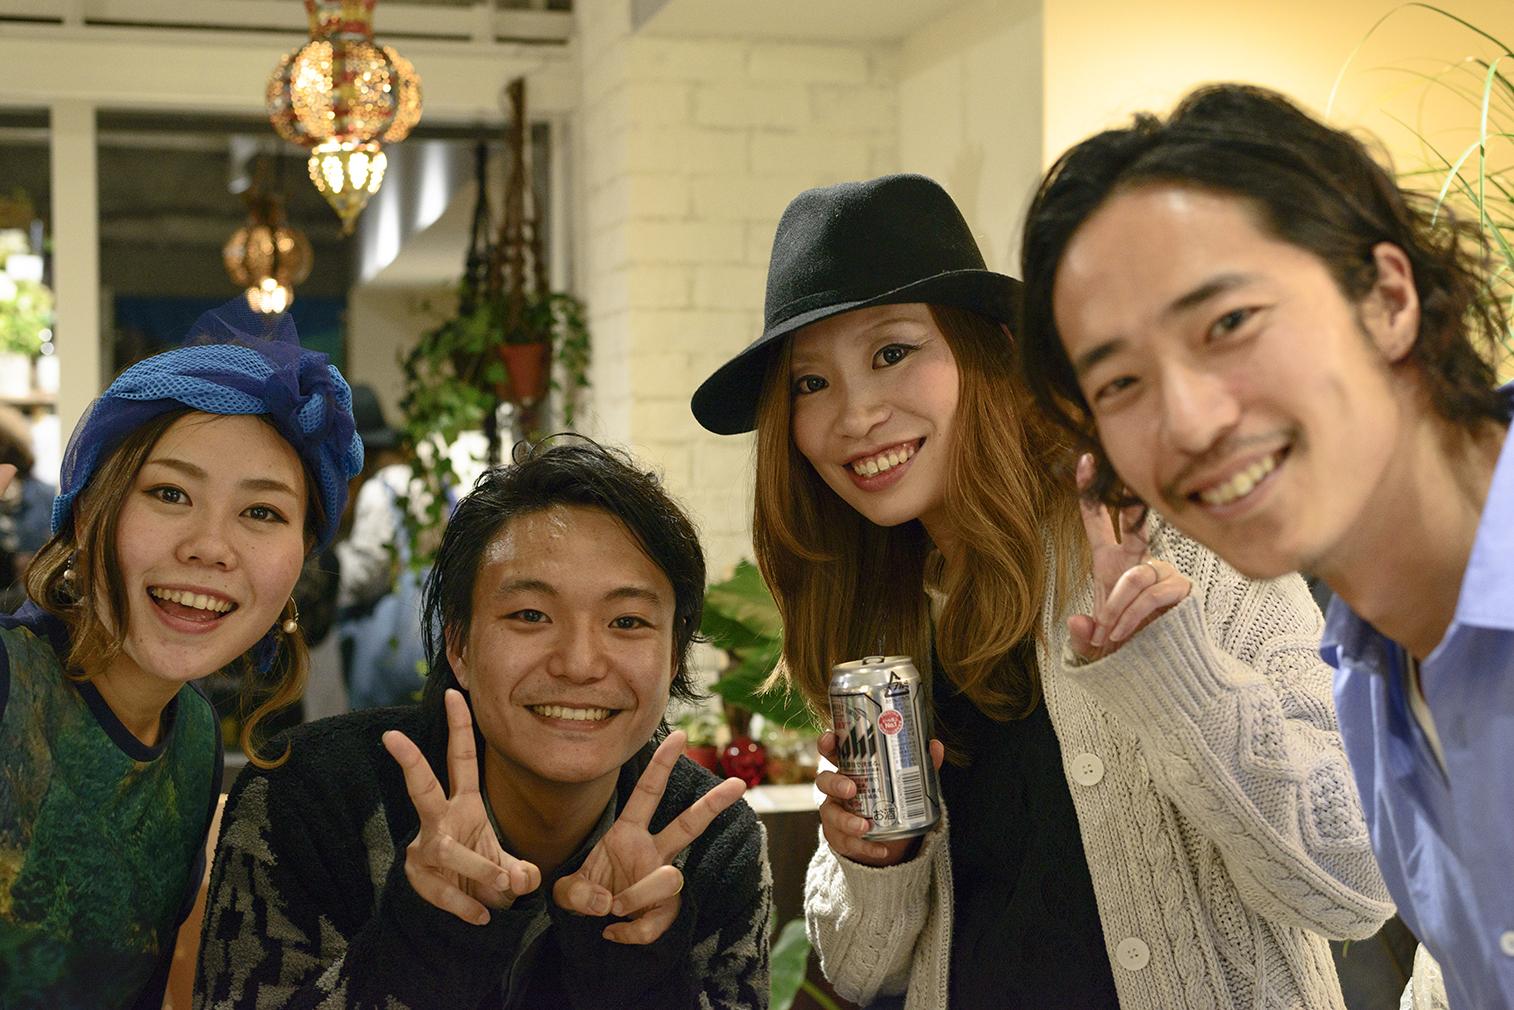 兵庫県神戸市あるおしゃれ美容室UNBRTHDAY KOBEの敏腕美容師オーナーツーニャン、兵庫県神戸市あるおしゃれ美容室UNBRTHDAY KOBEのアシスタント阿部ちゃんと一緒にLighthouse Photoの2人も記念撮影